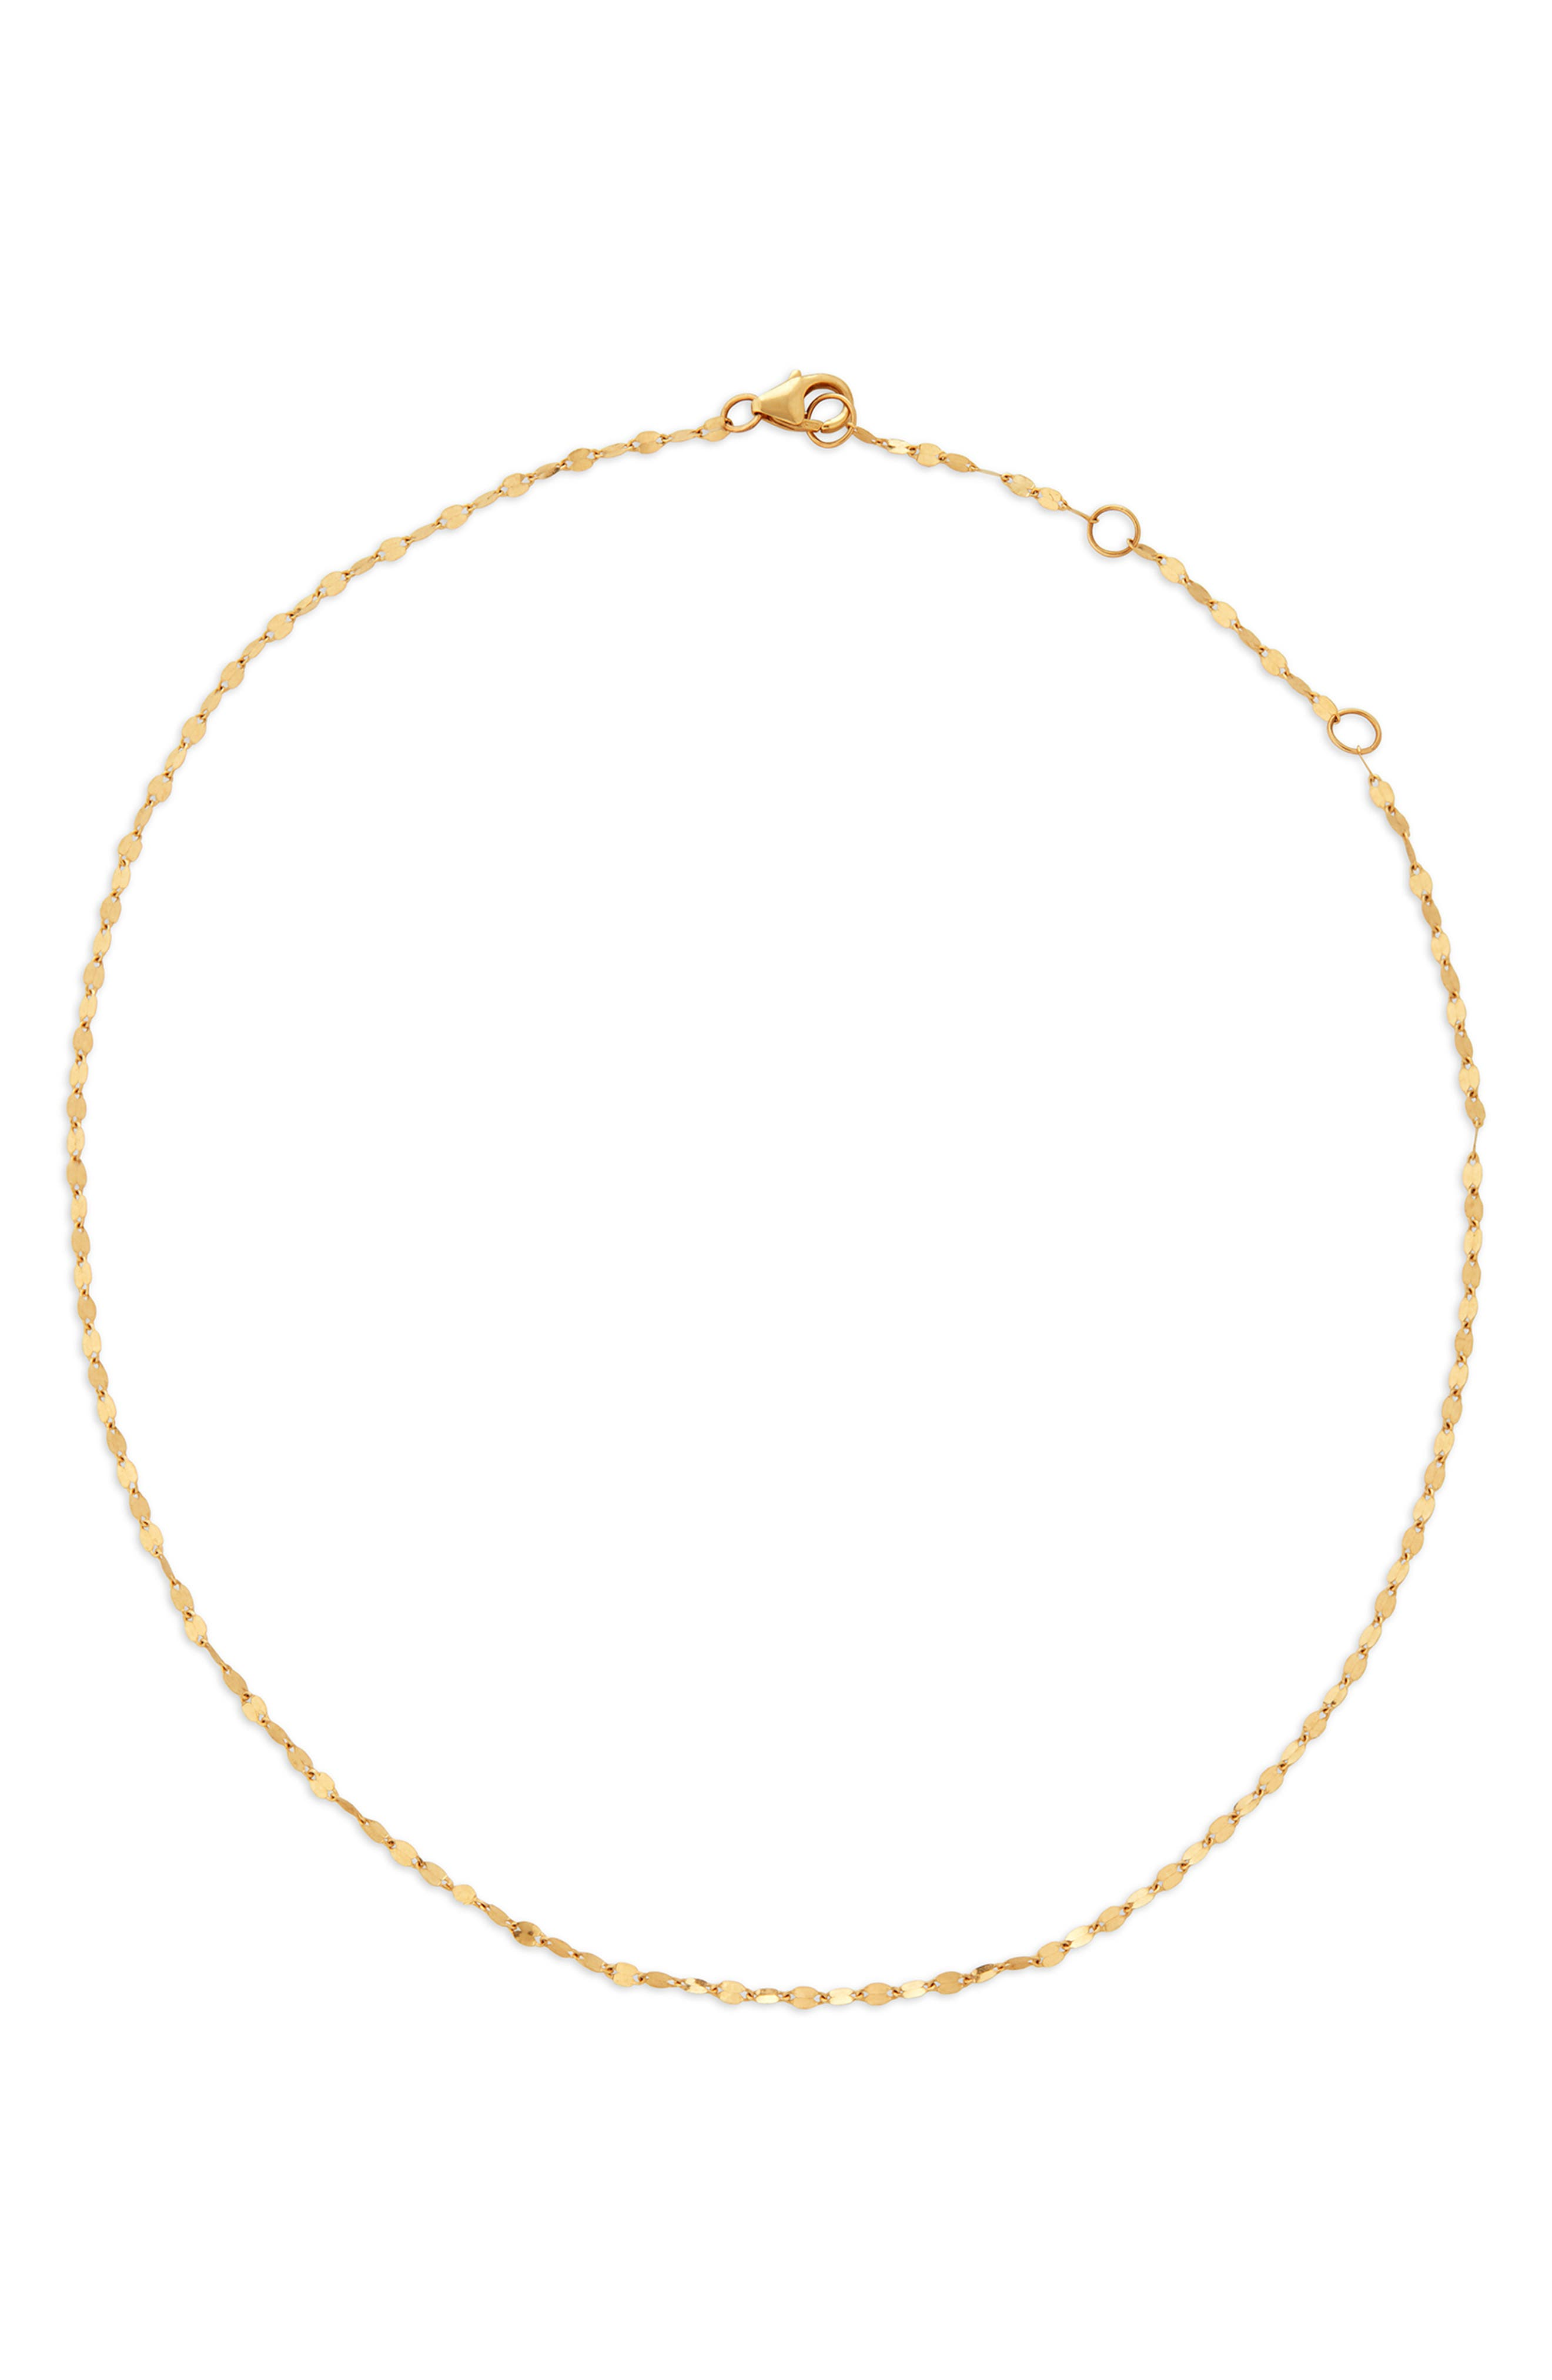 Lana Jewelry Blake Chain Choker Necklace